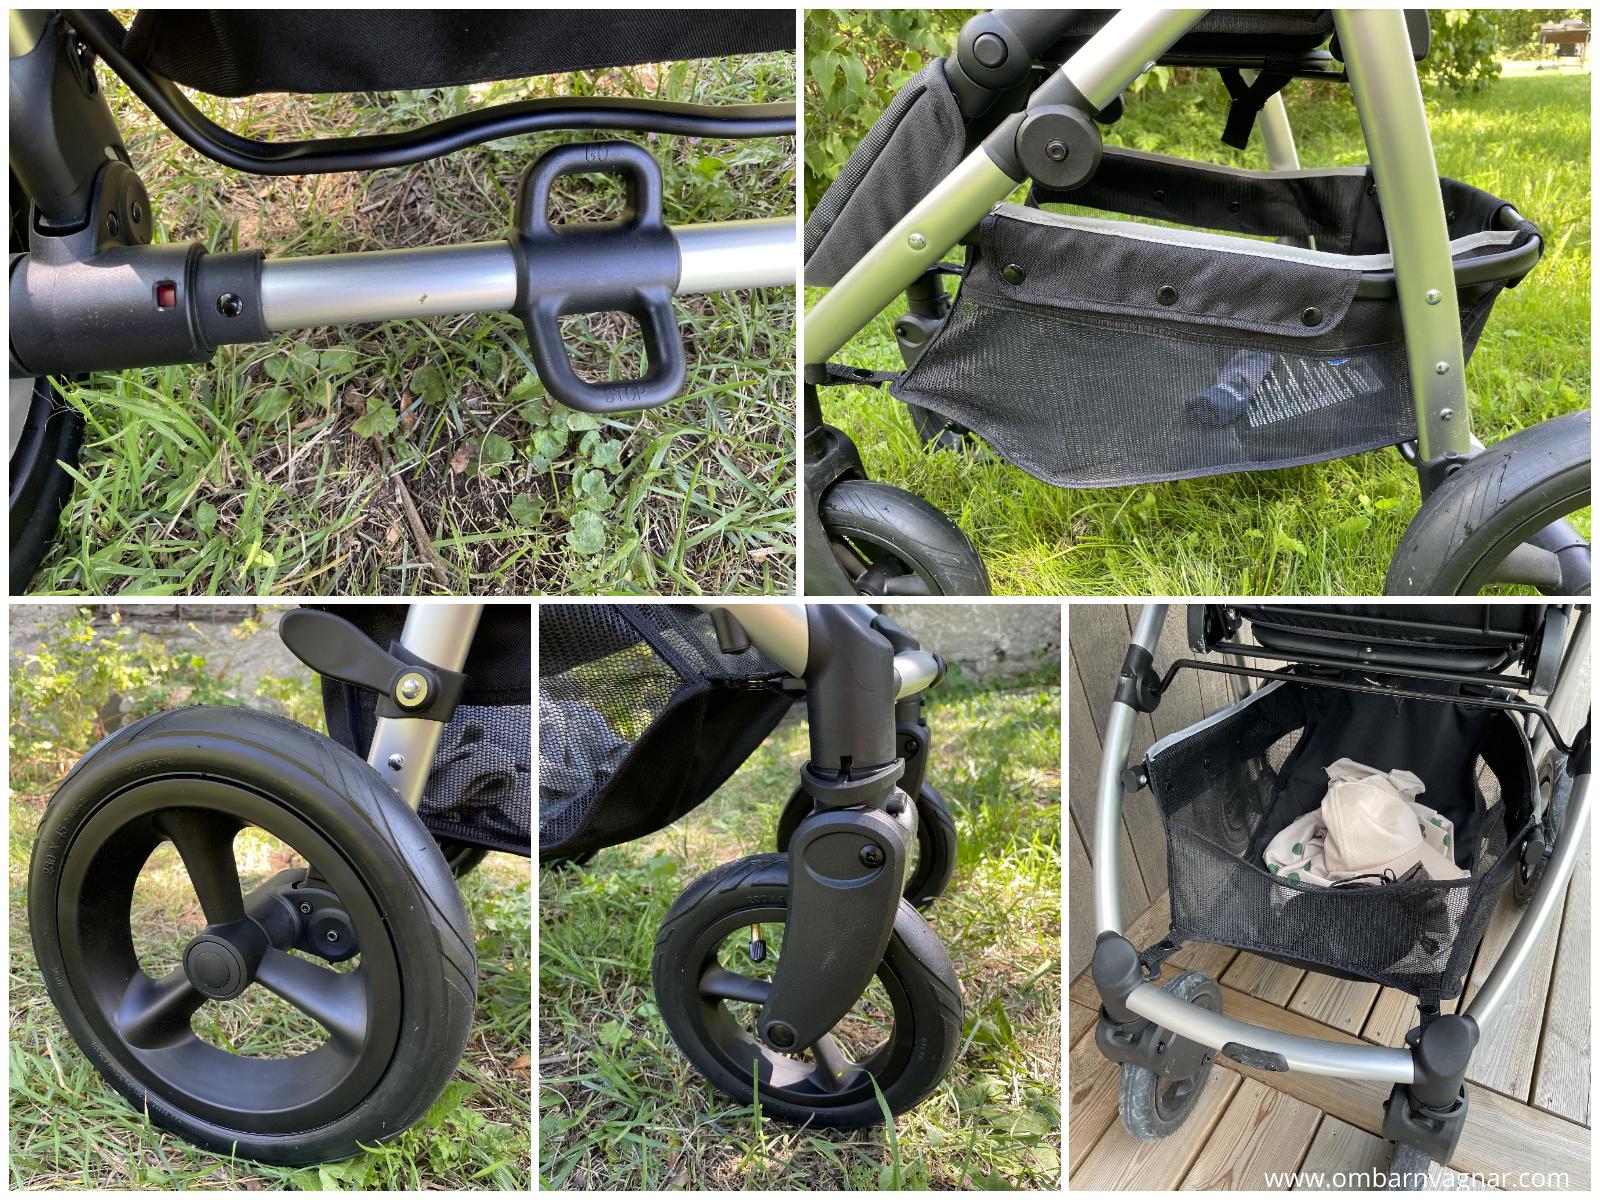 Heritage 2 med lufthjul och lättåtkomlig varukorg